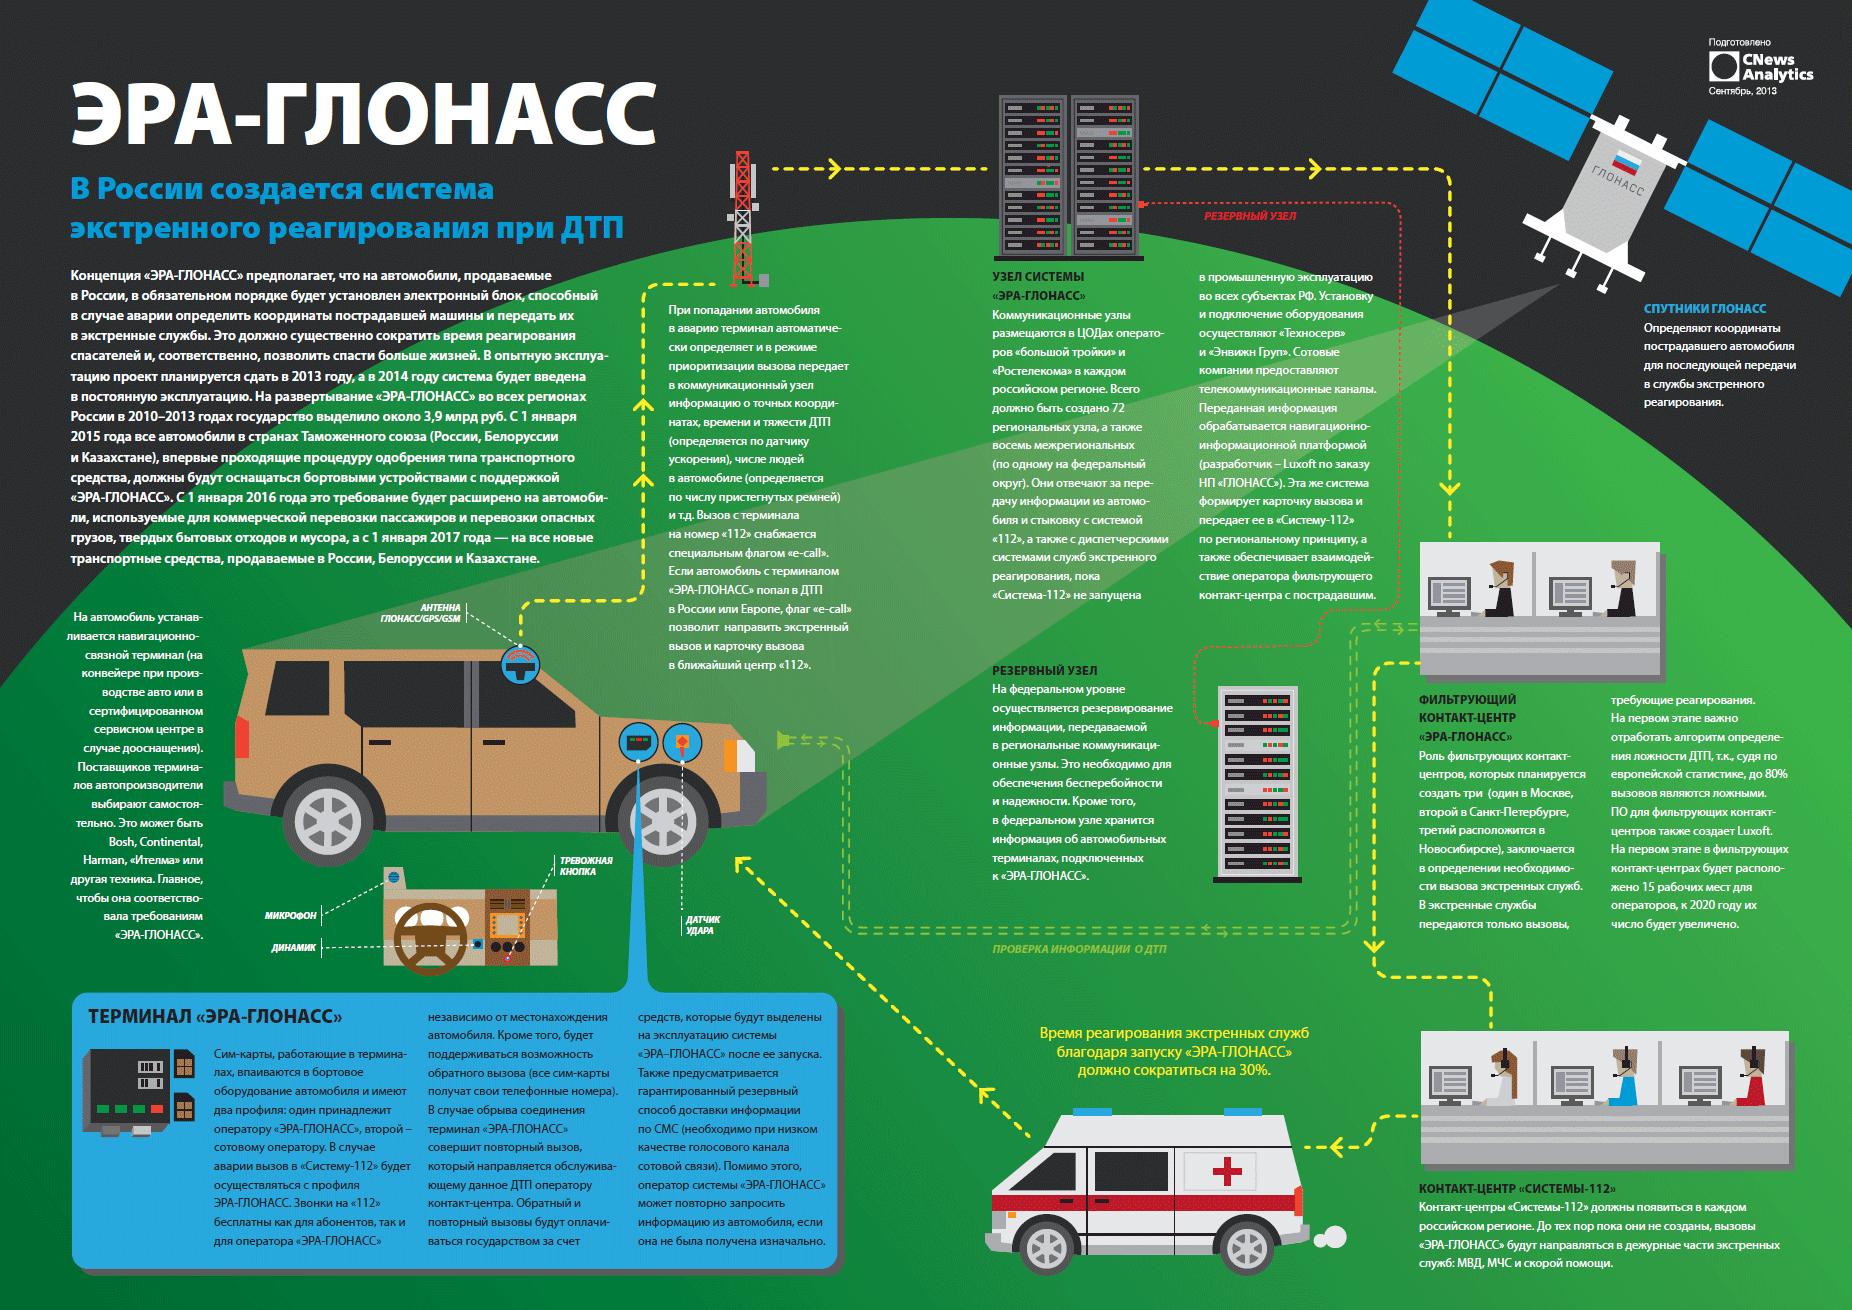 Как работает система глонасс для контроля транспорта